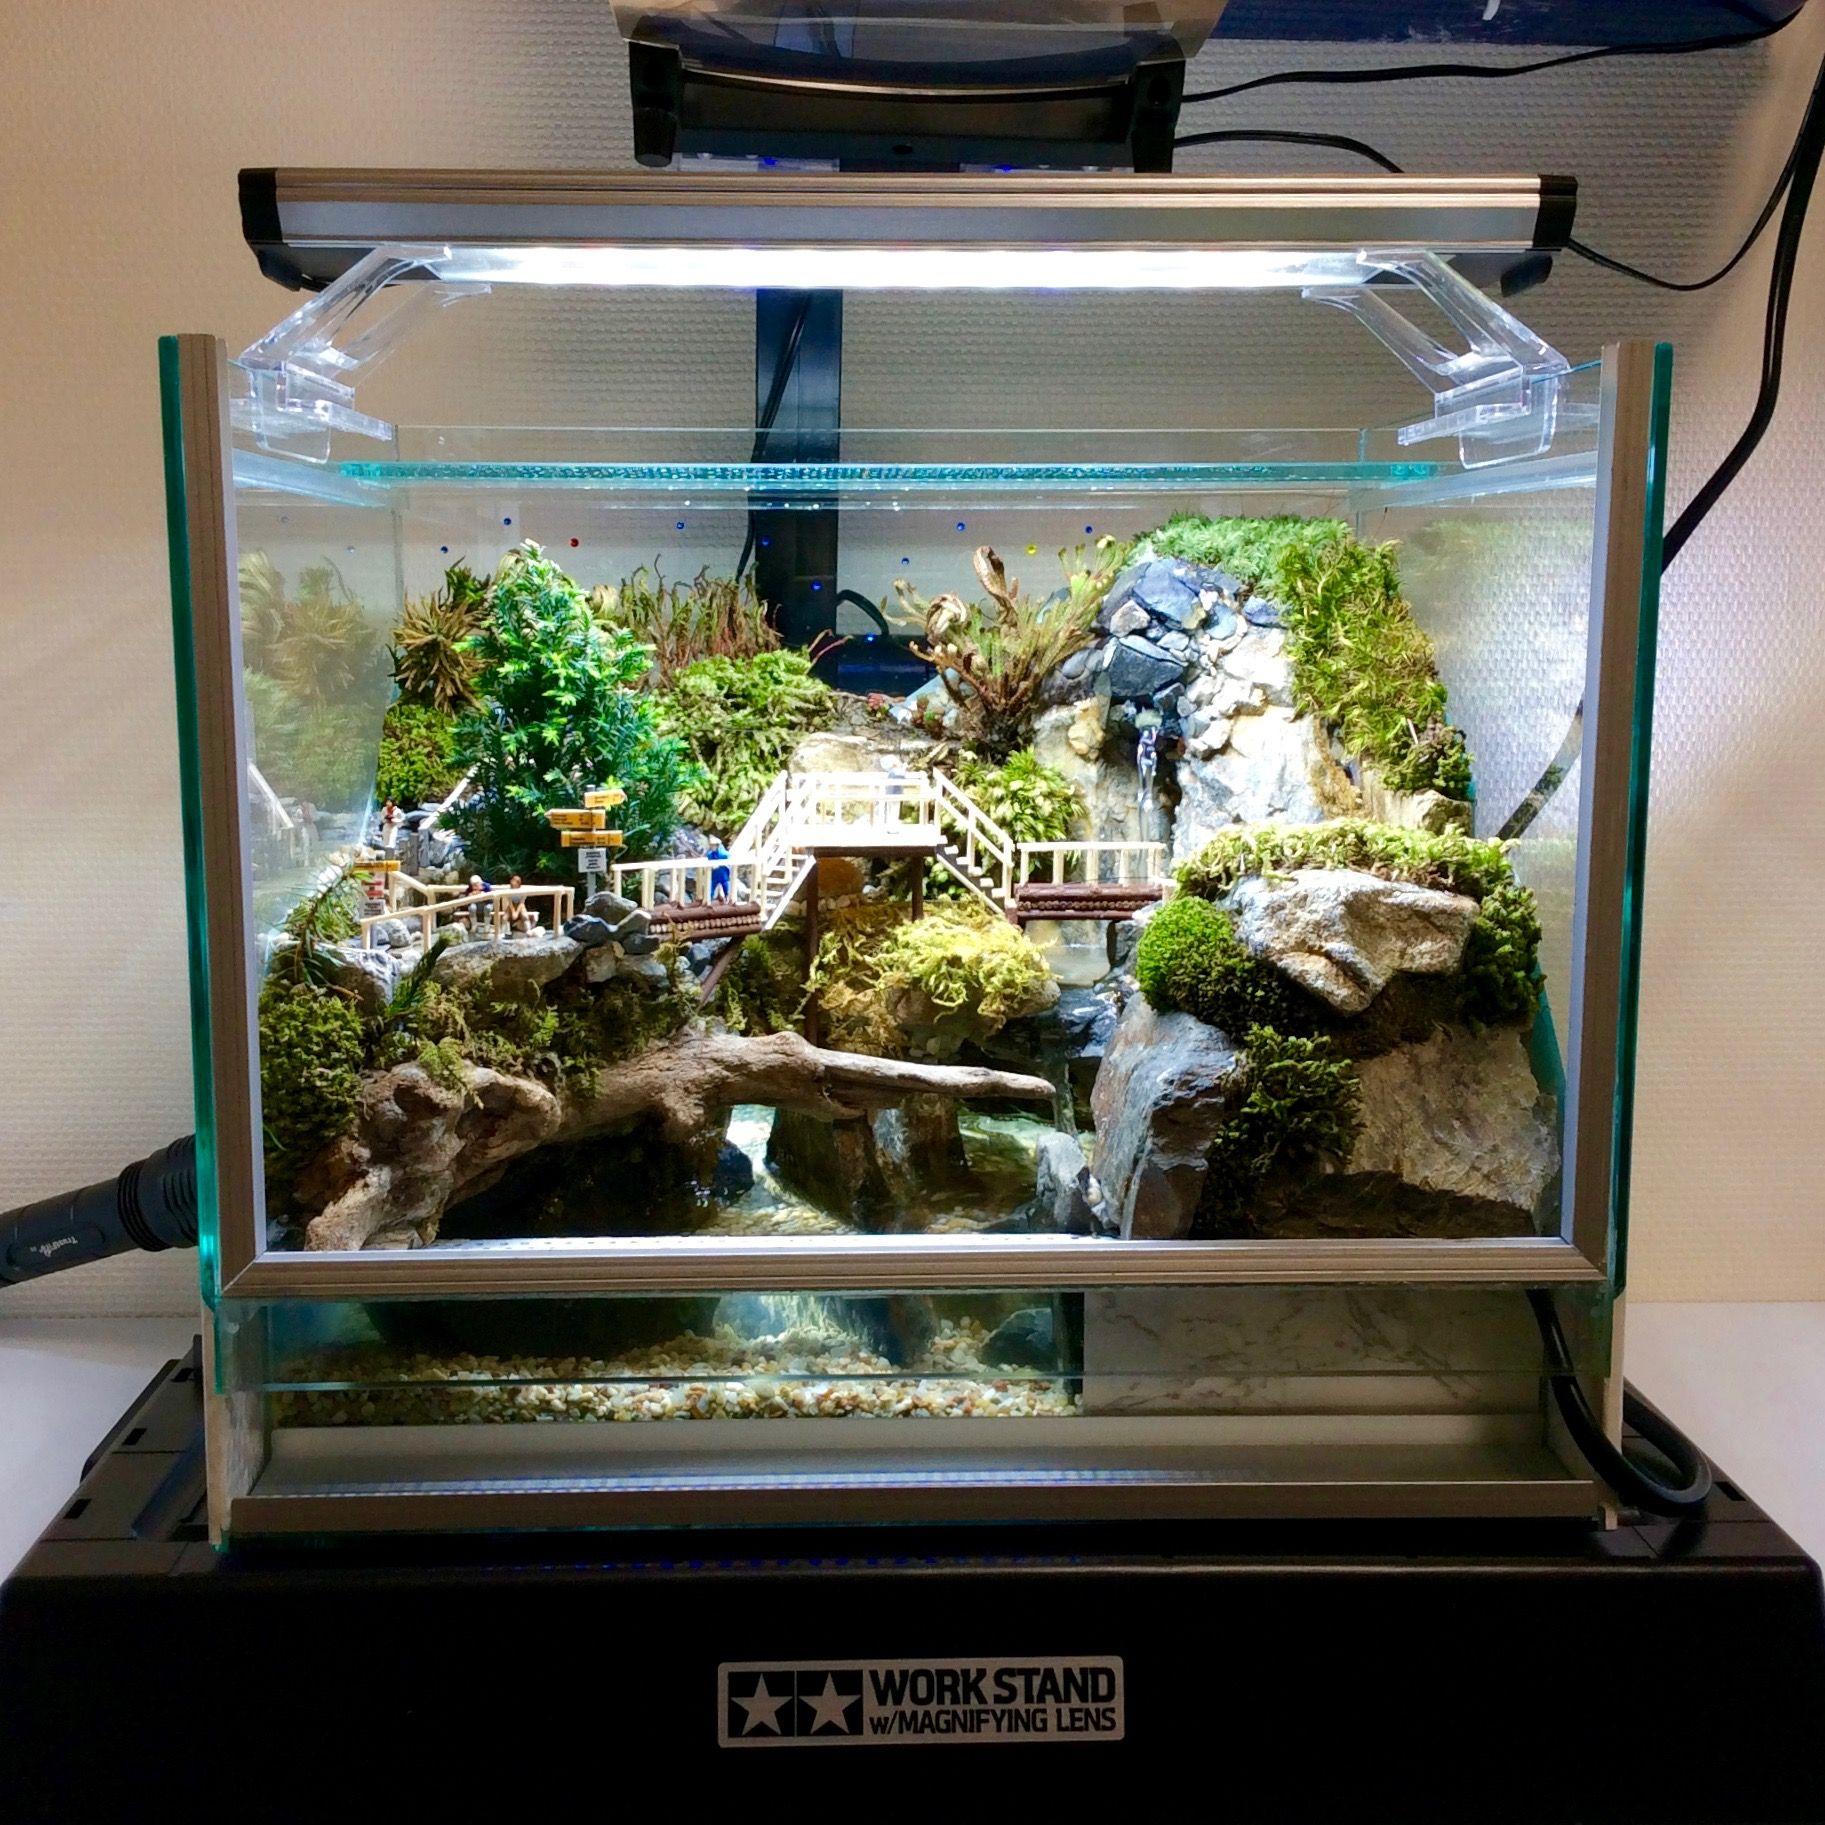 Vol04 Diorama & Biotope